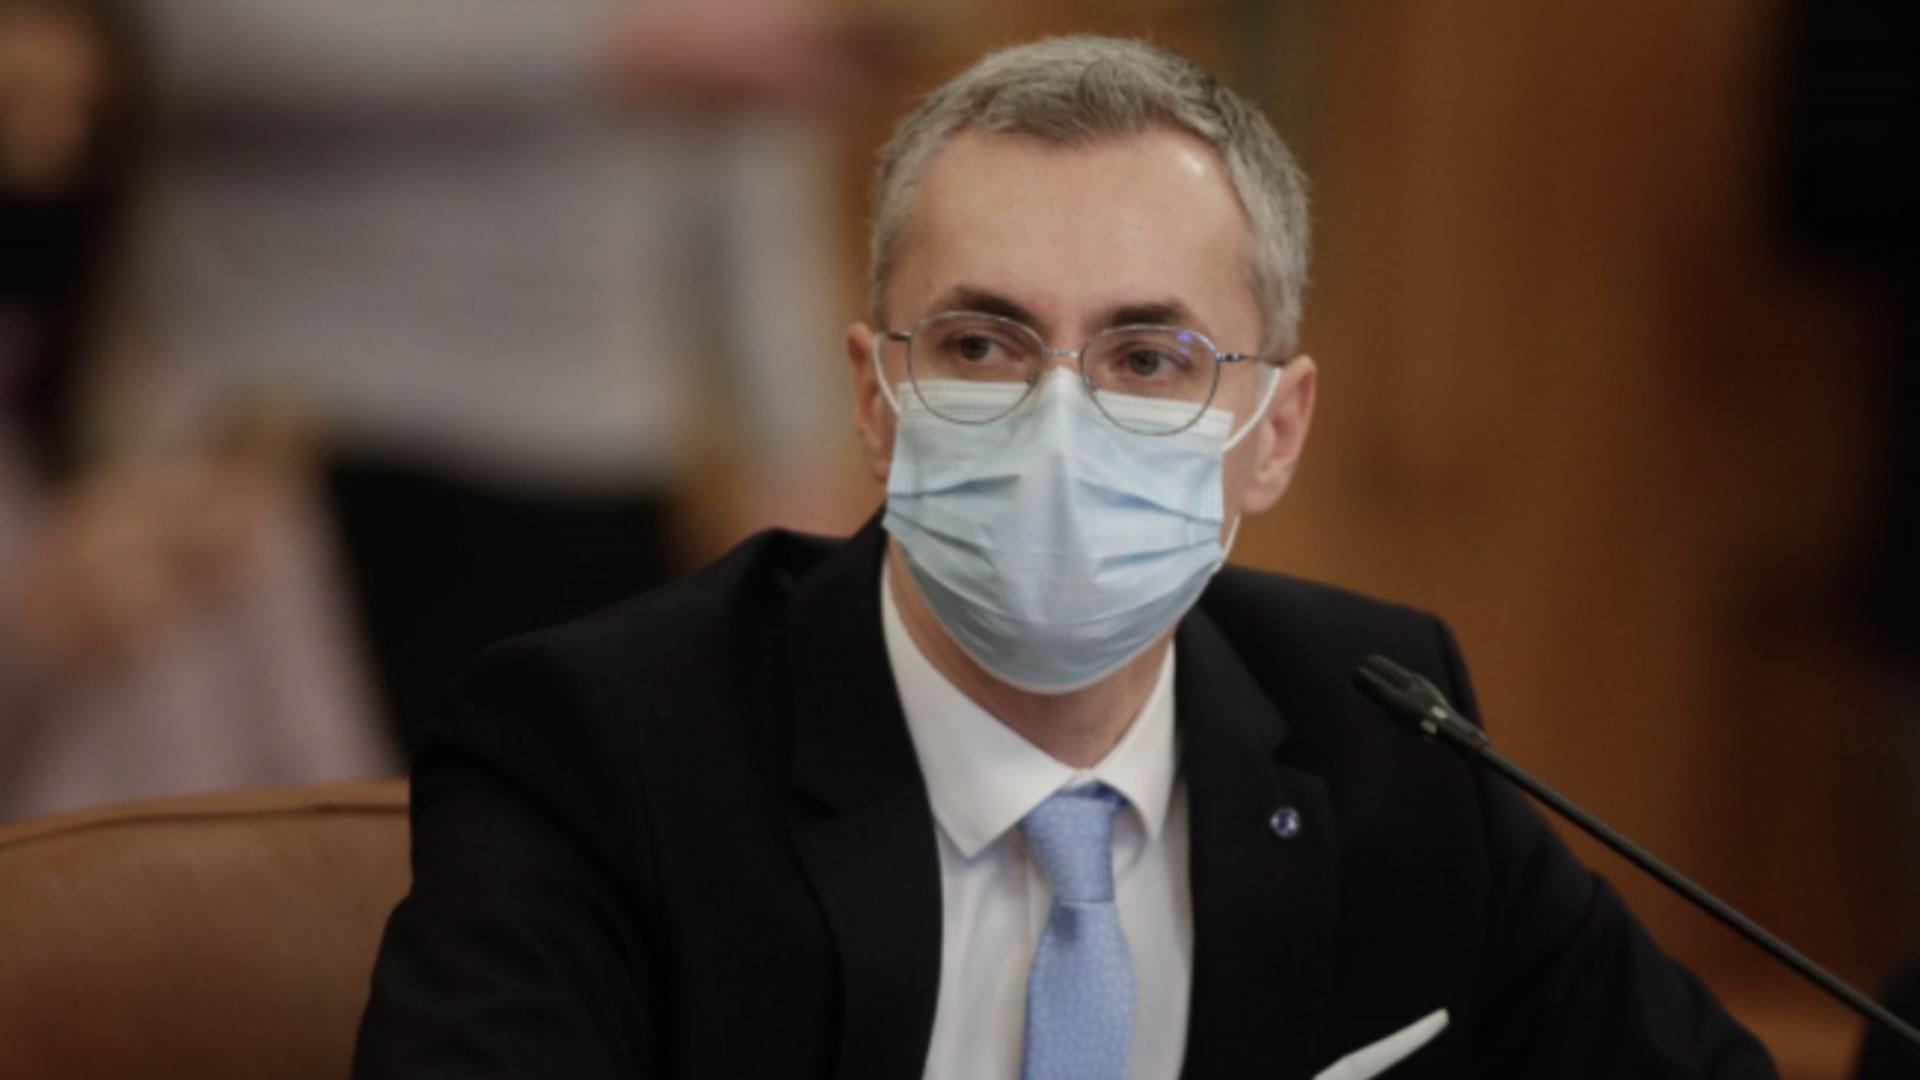 Stelian Ion, ministrul Justiției, spune că nu are niciun conflict cu Ludovic Orban Foto: InquamPhotos/George Călin